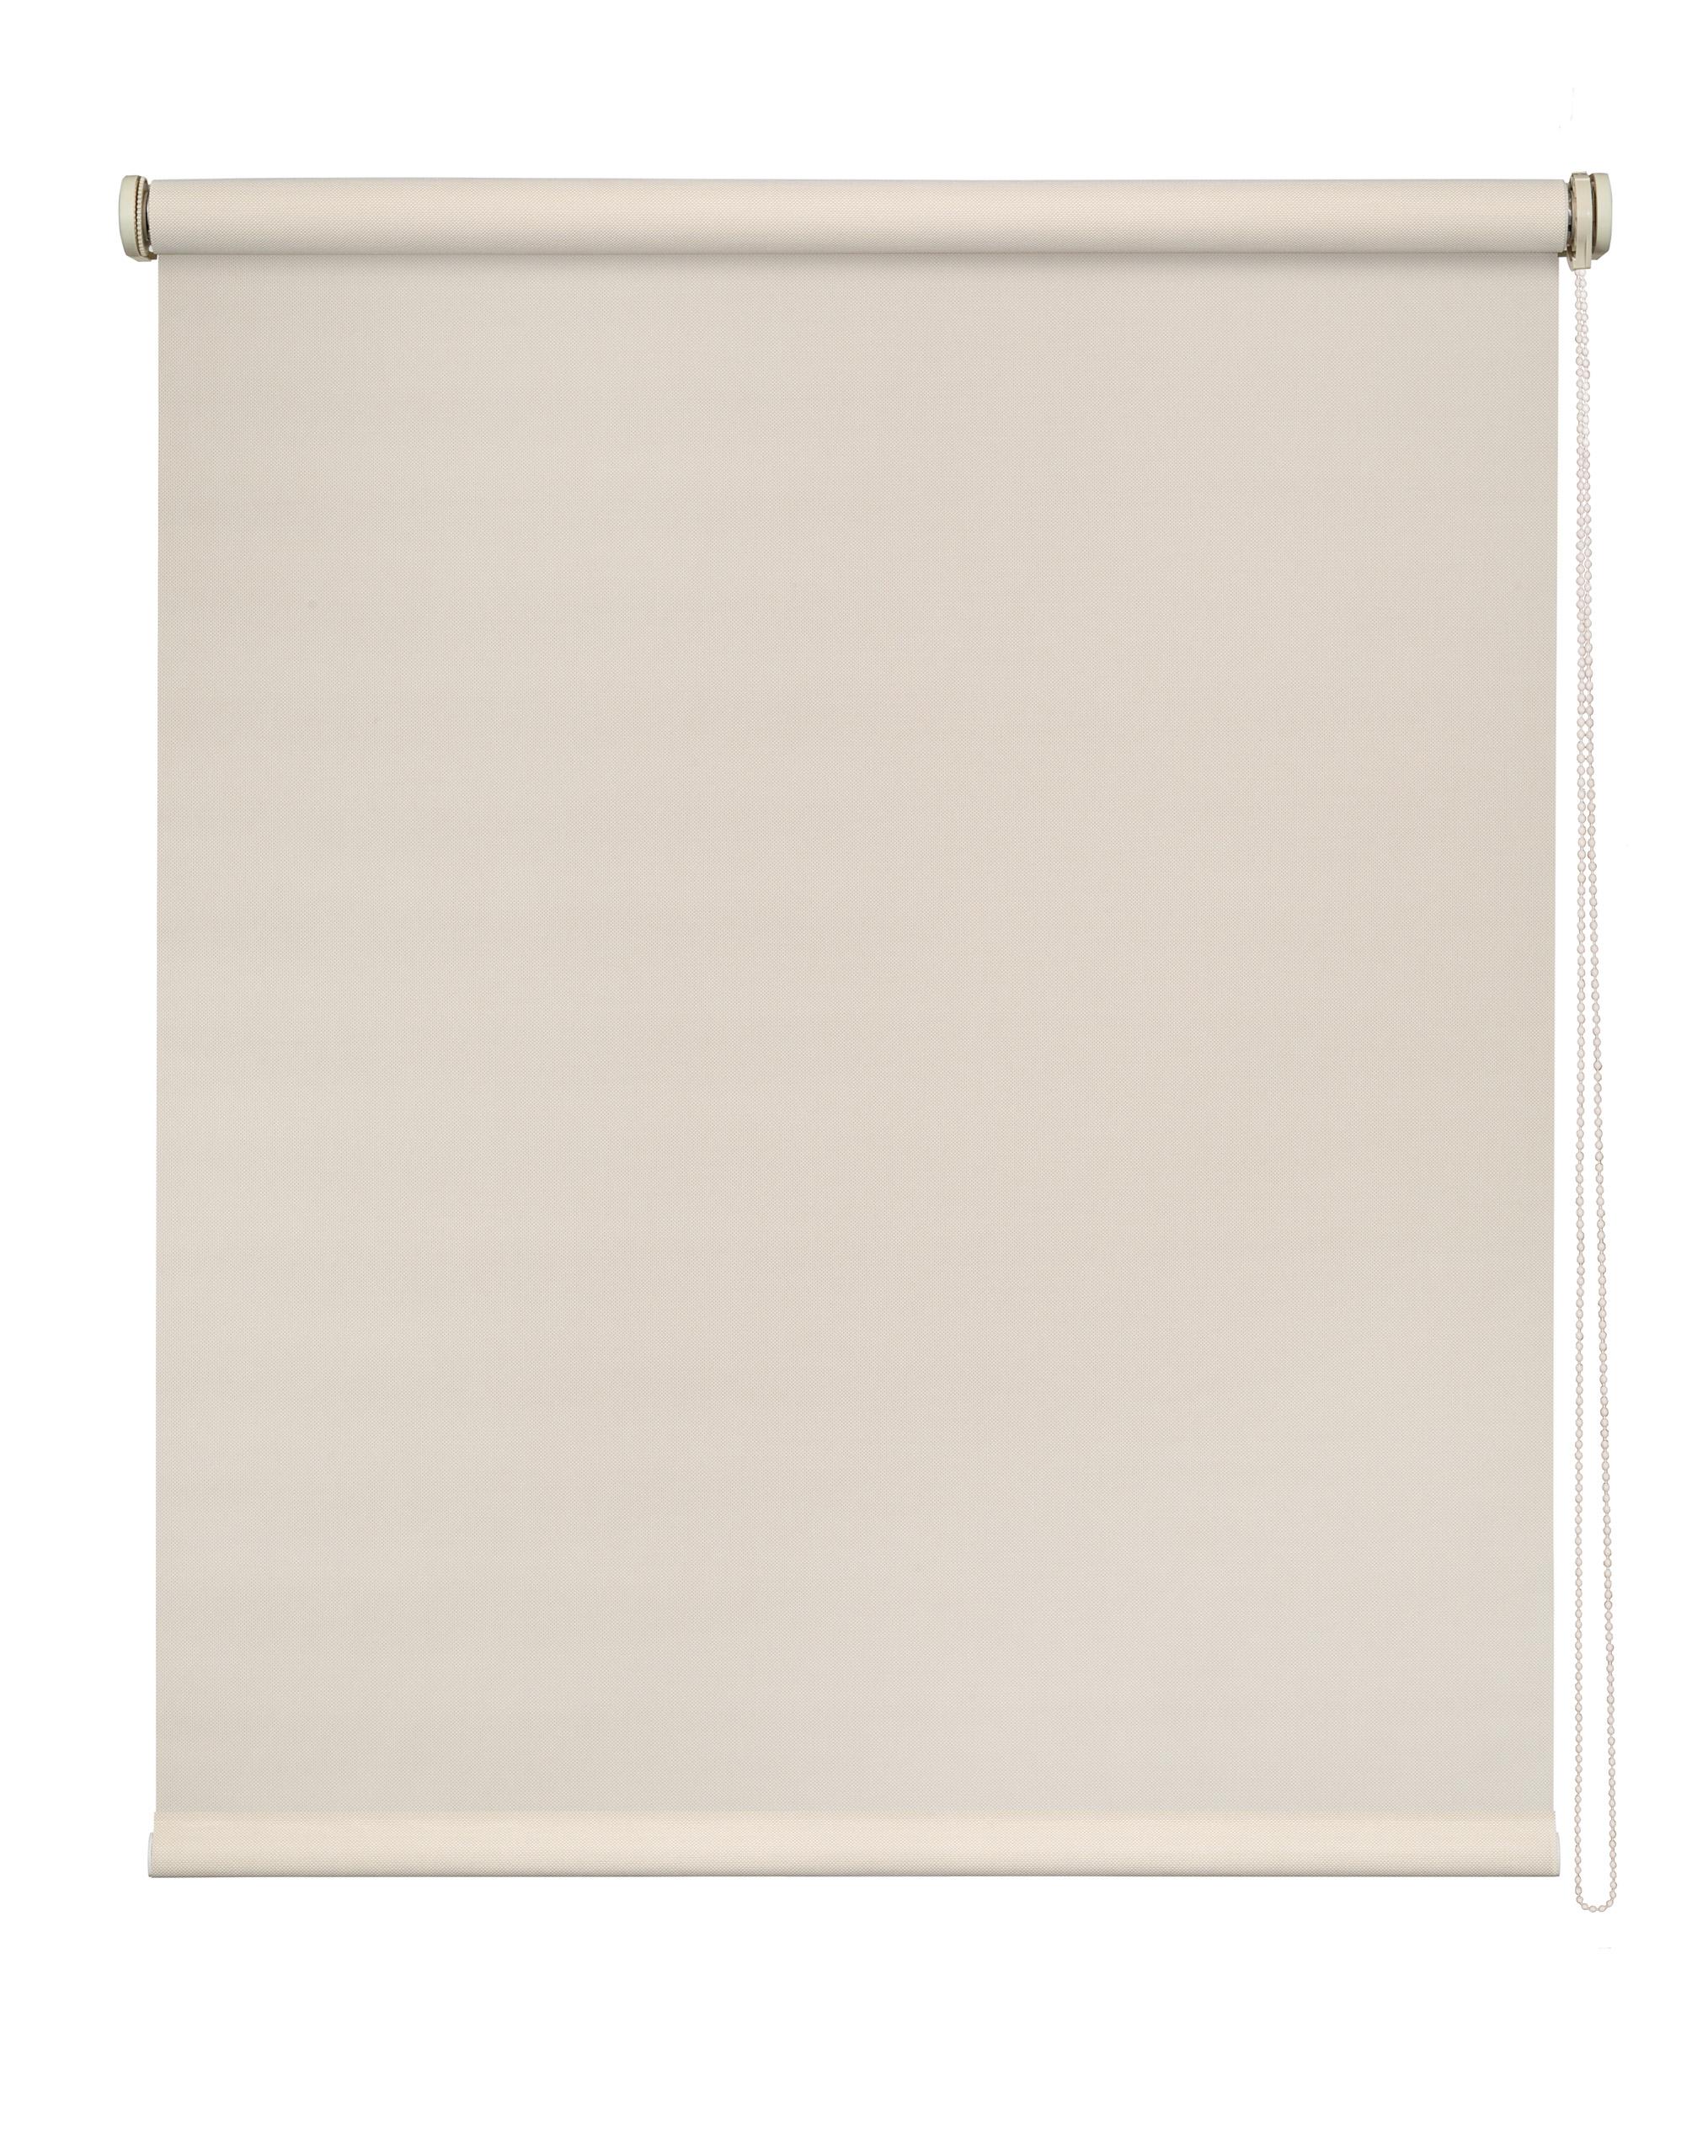 Store Enrouleur voile Screen - Gris - 135 x 250 cm